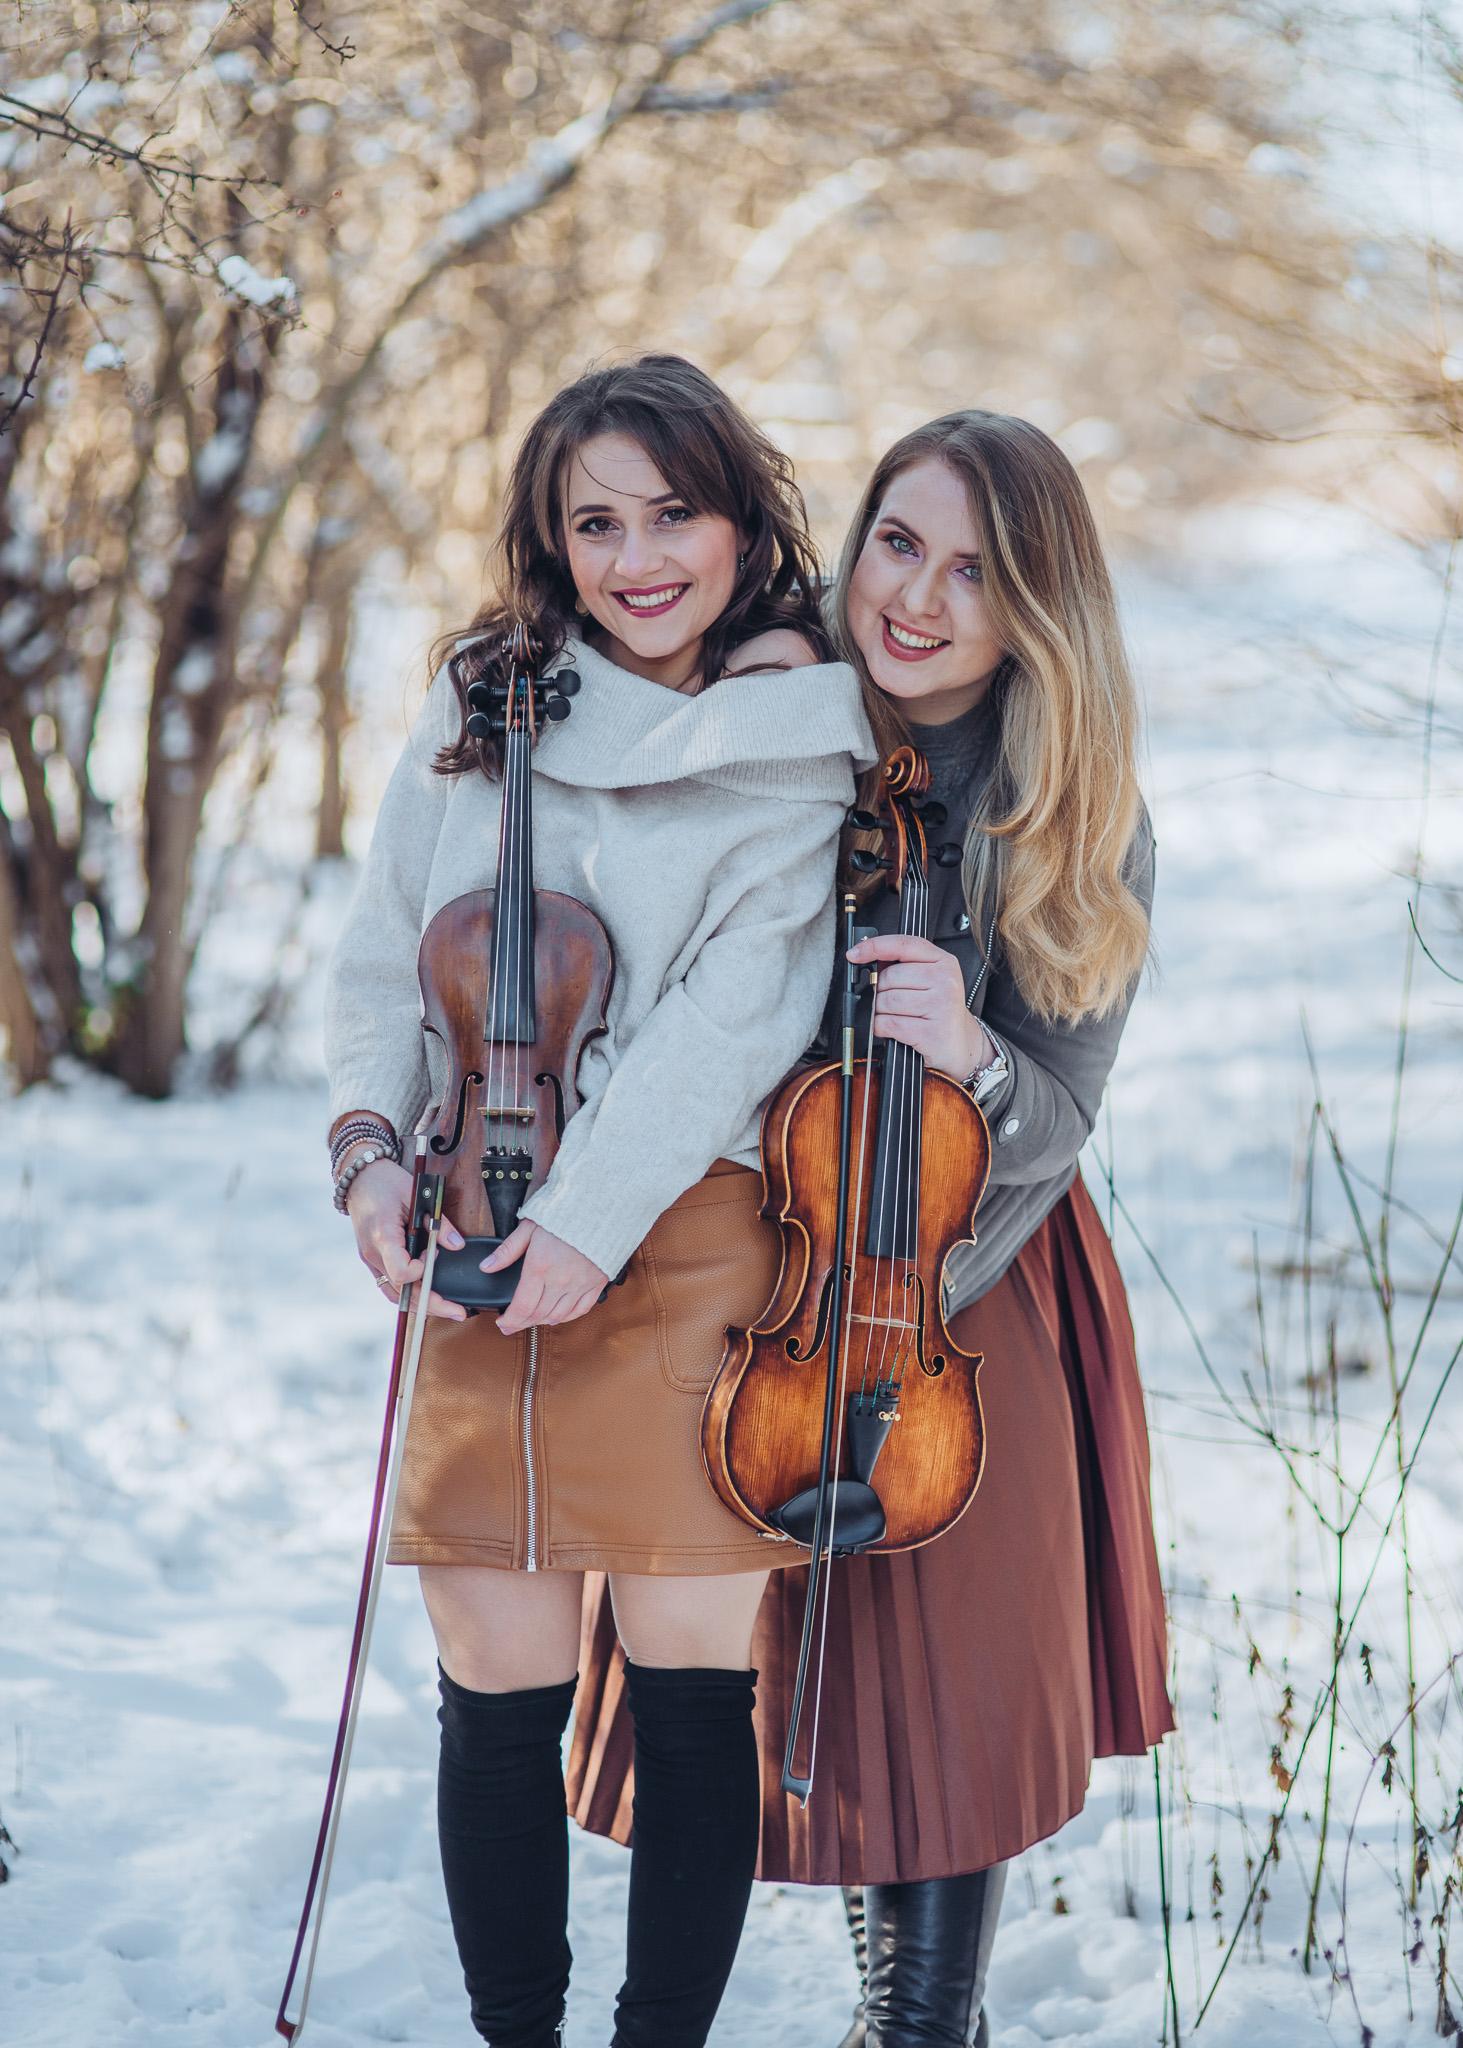 sesja fotograficzna ze skrzypcami warszawa konstancin piaseczno